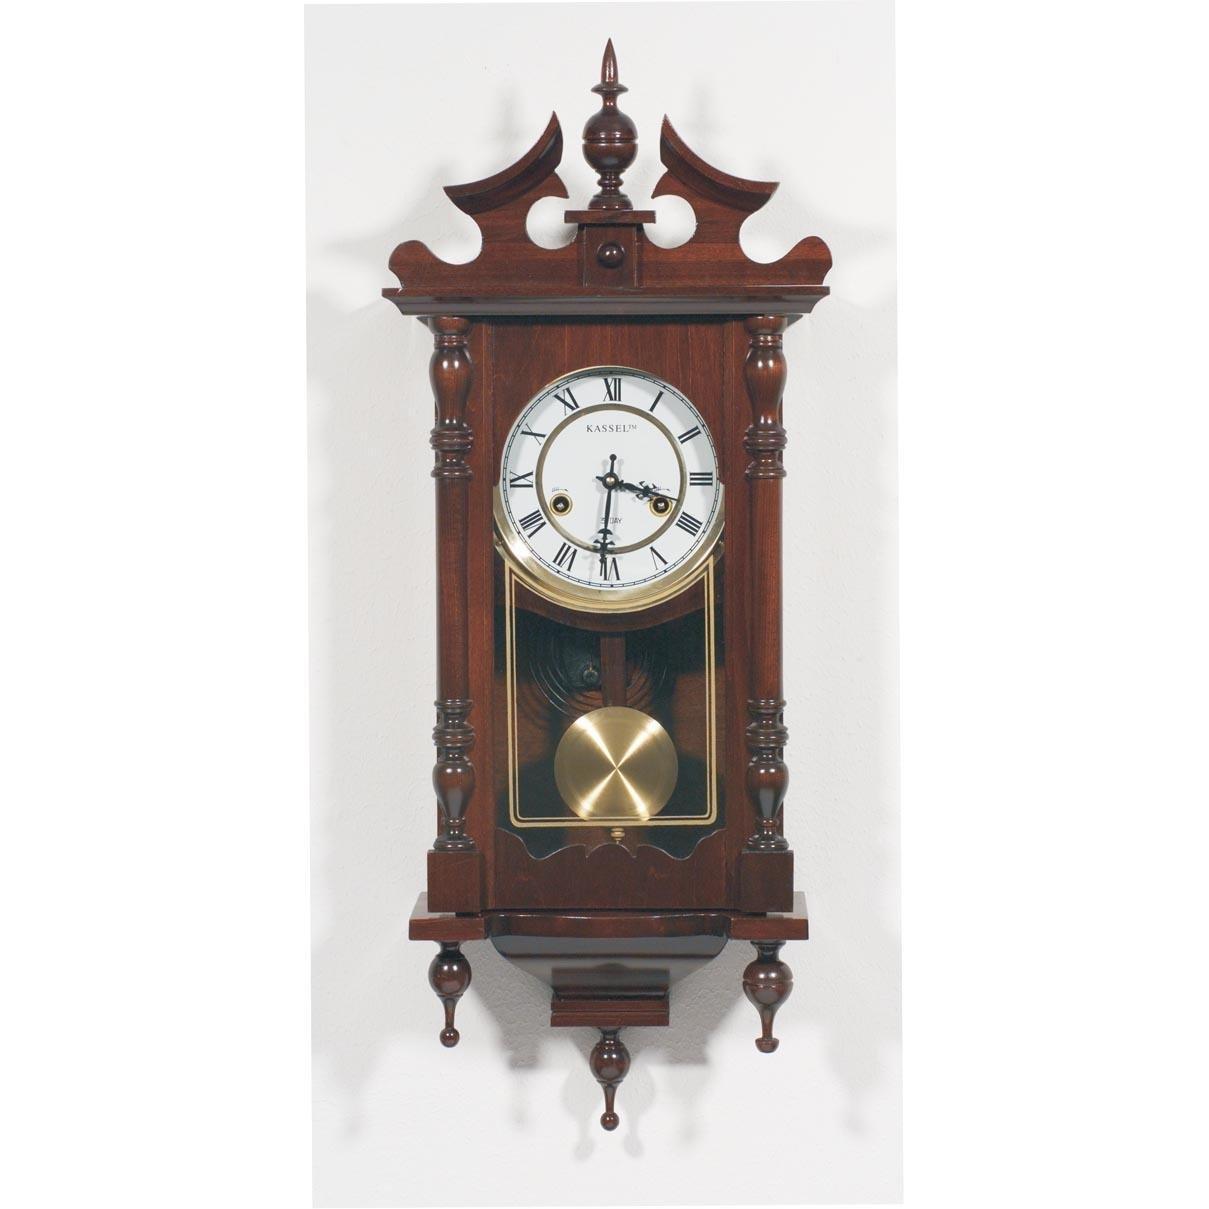 Clock Brookwood Wall Kassel Pendulum Wood Glass New W